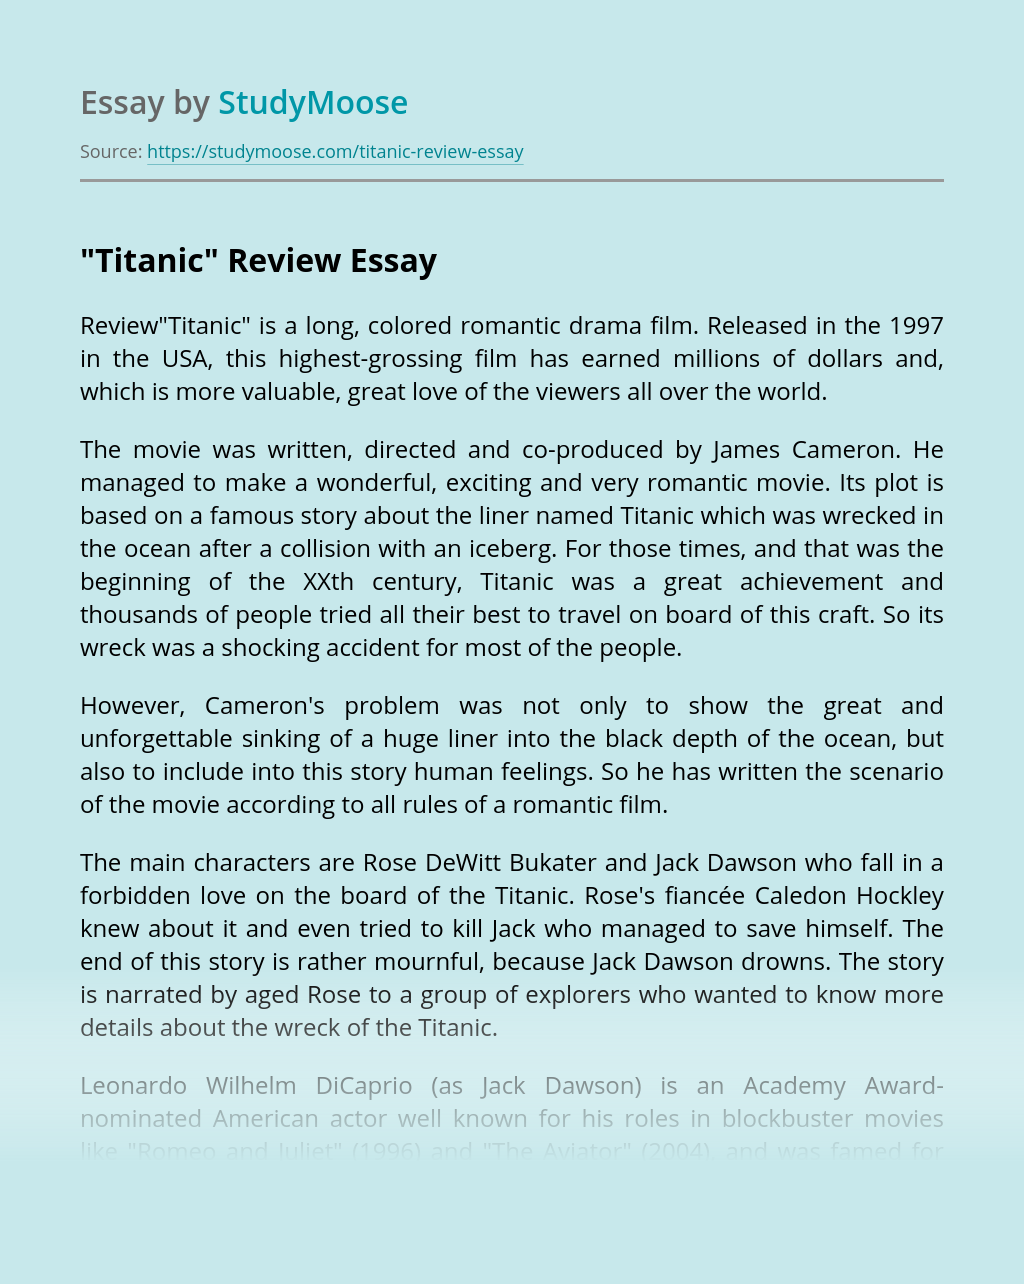 """""""Titanic"""" Colored Romantic Drama Film"""